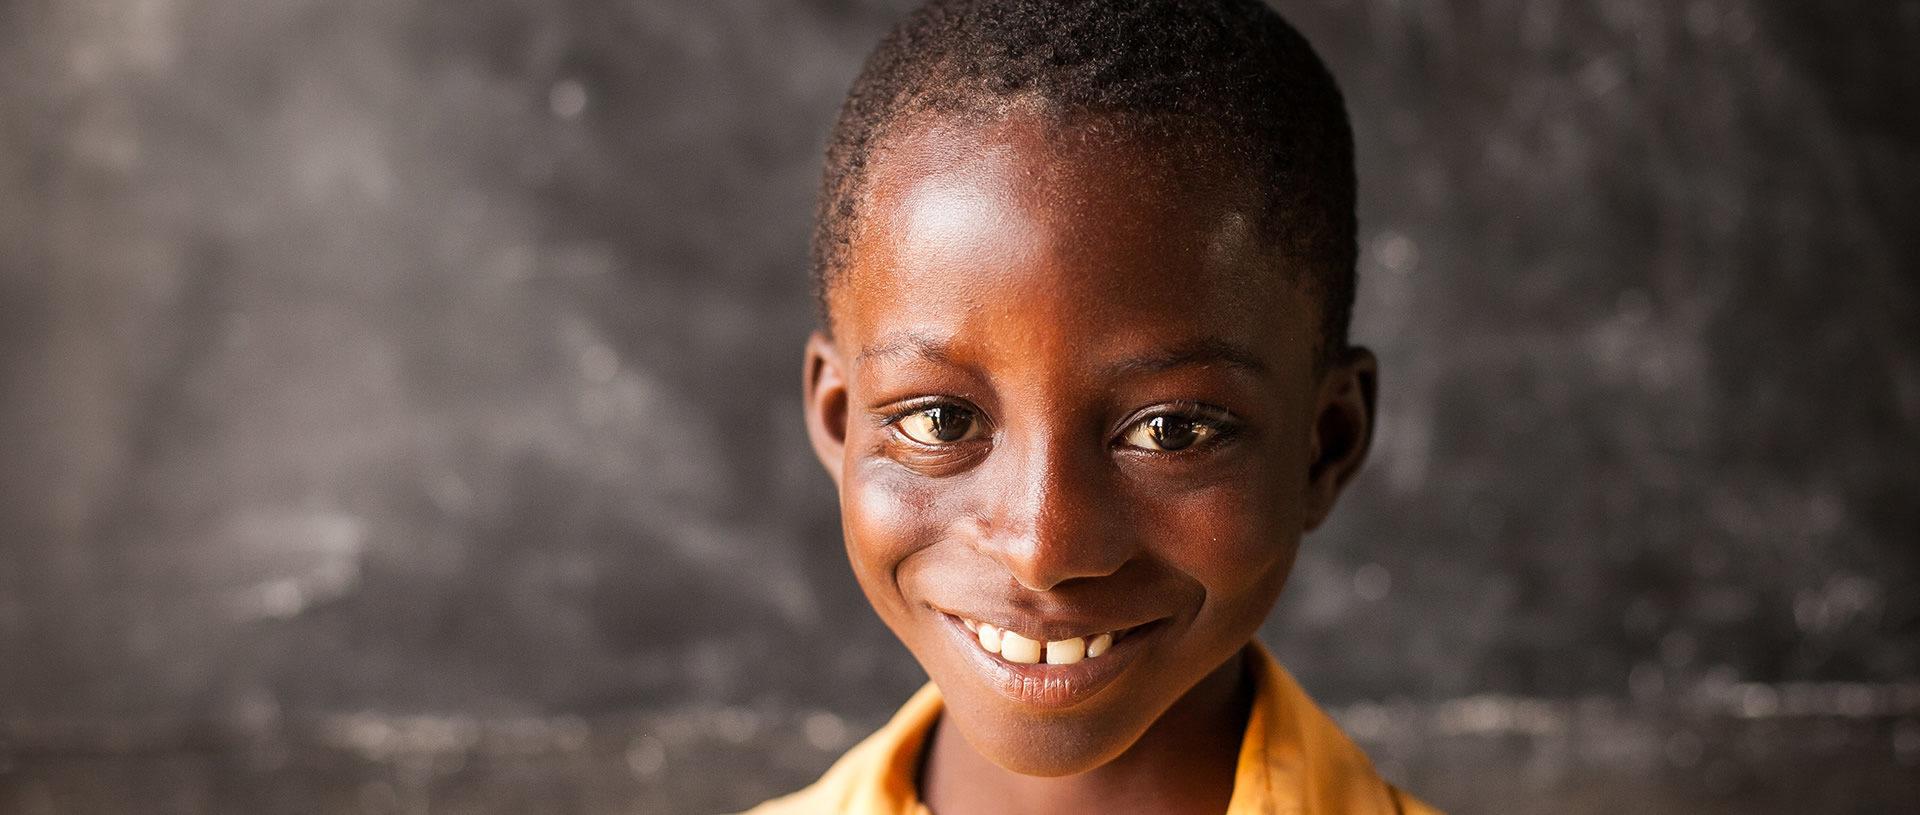 a new family for Ghana's lost children banner